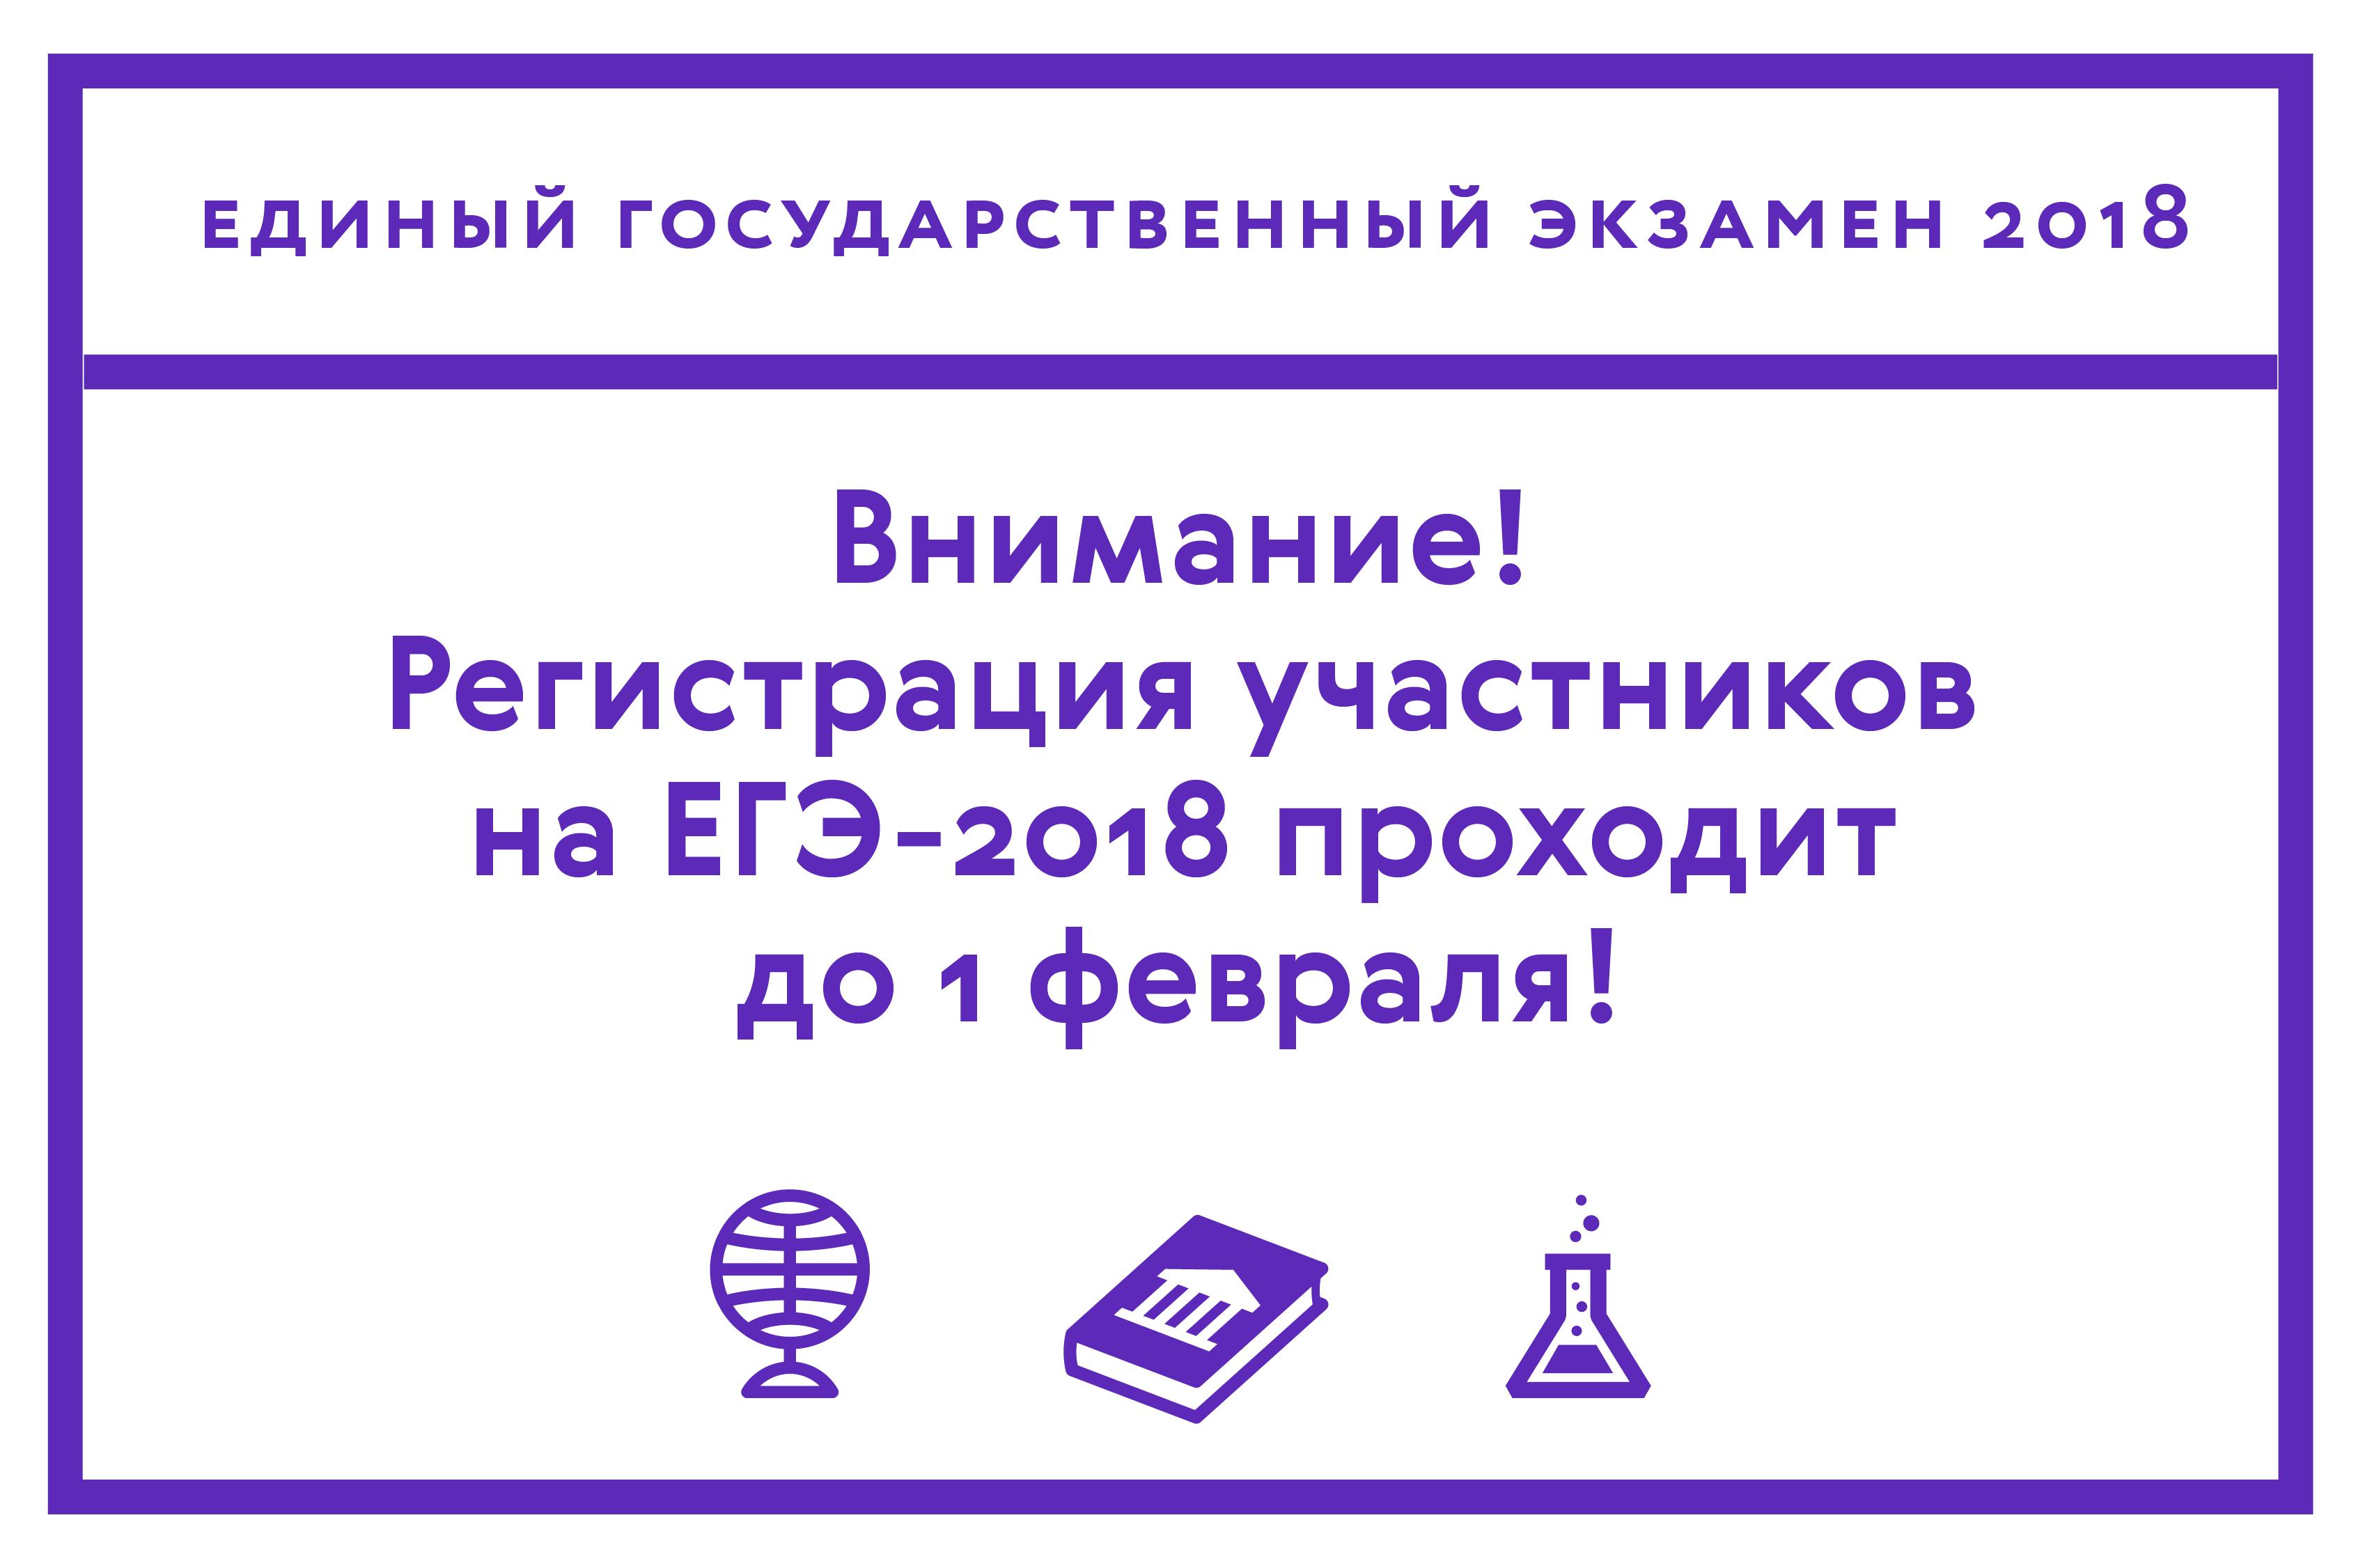 Рособрнадзор напоминает о сроках подачи заявлений на участие в ЕГЭ-2018